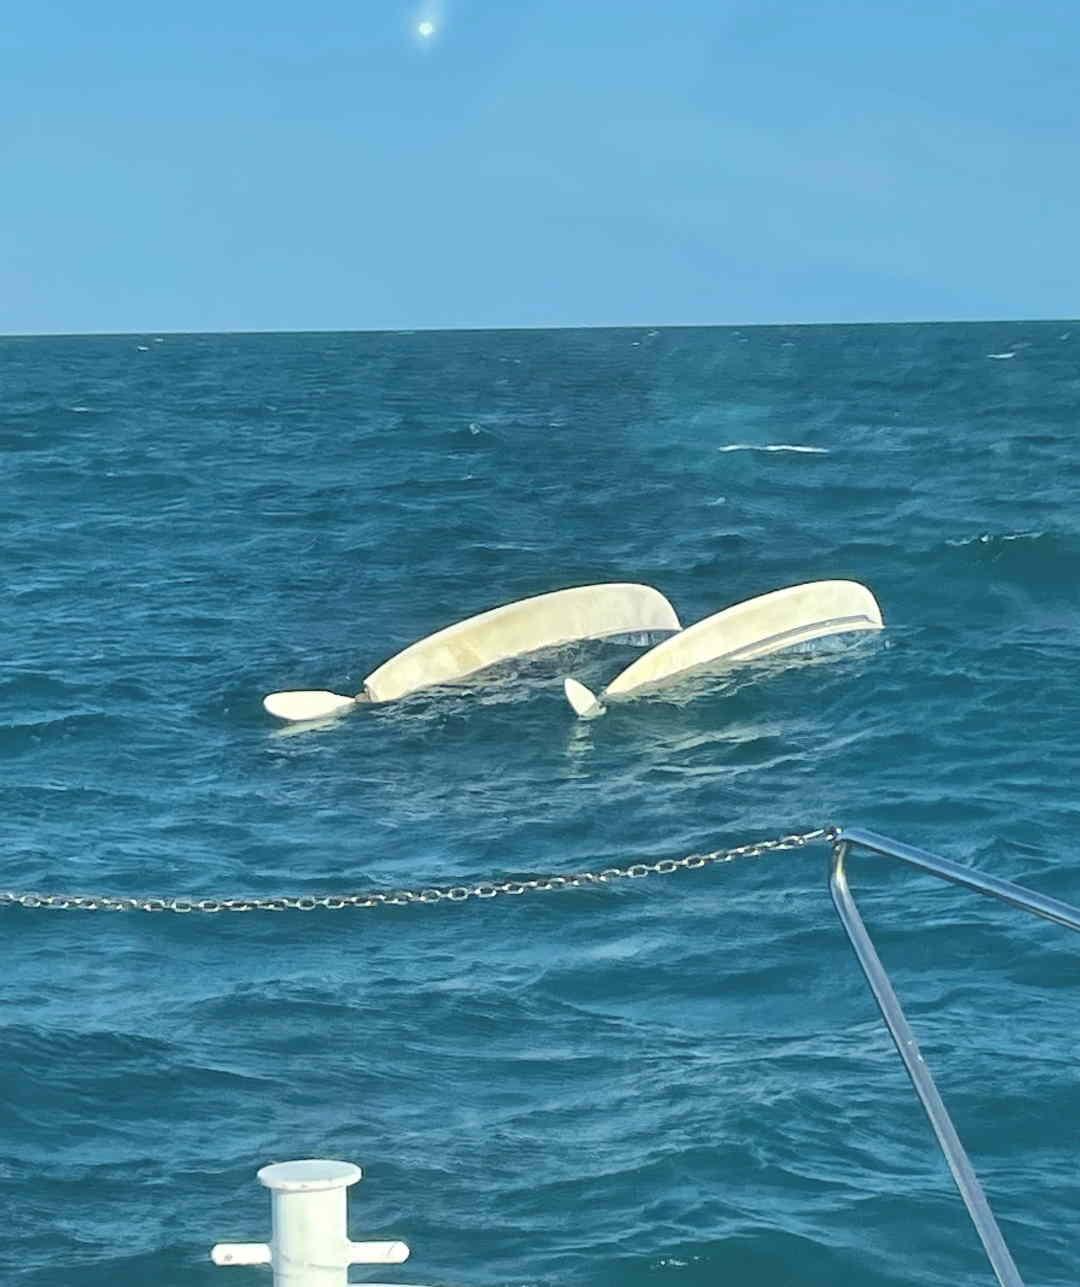 Diportisti in difficoltà con catamarano scuffiato soccorsi dalla Guardia Costiera nelle acque antistanti il litorale fermano